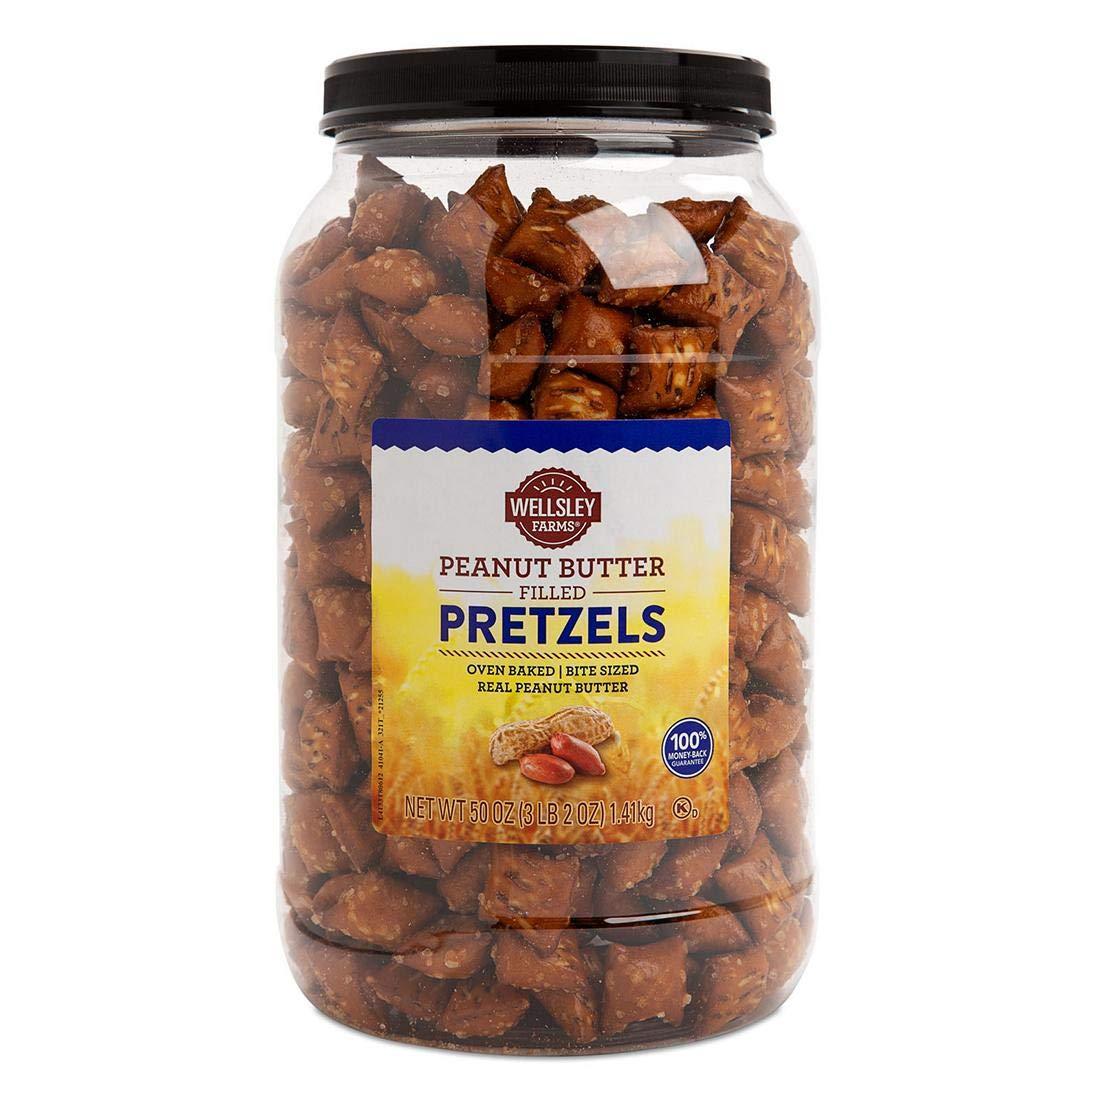 Tampa Mall Wellsley Farms Peanut Butter Ounce Filled 50 Denver Mall Pretzels